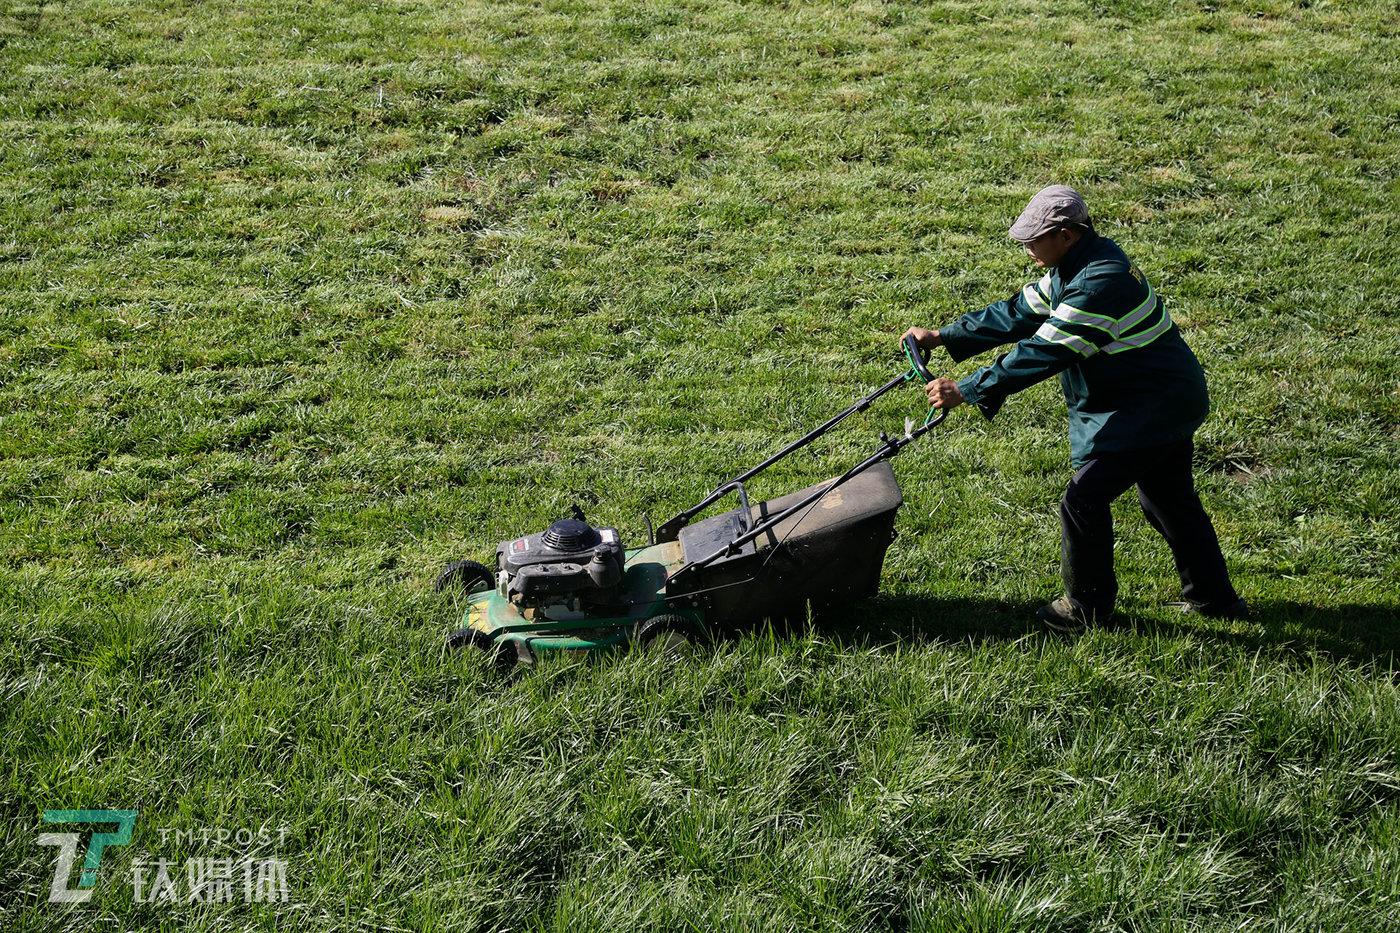 9月14日,北京大兴区,曾祺爸爸的父亲在修建一块草坪。